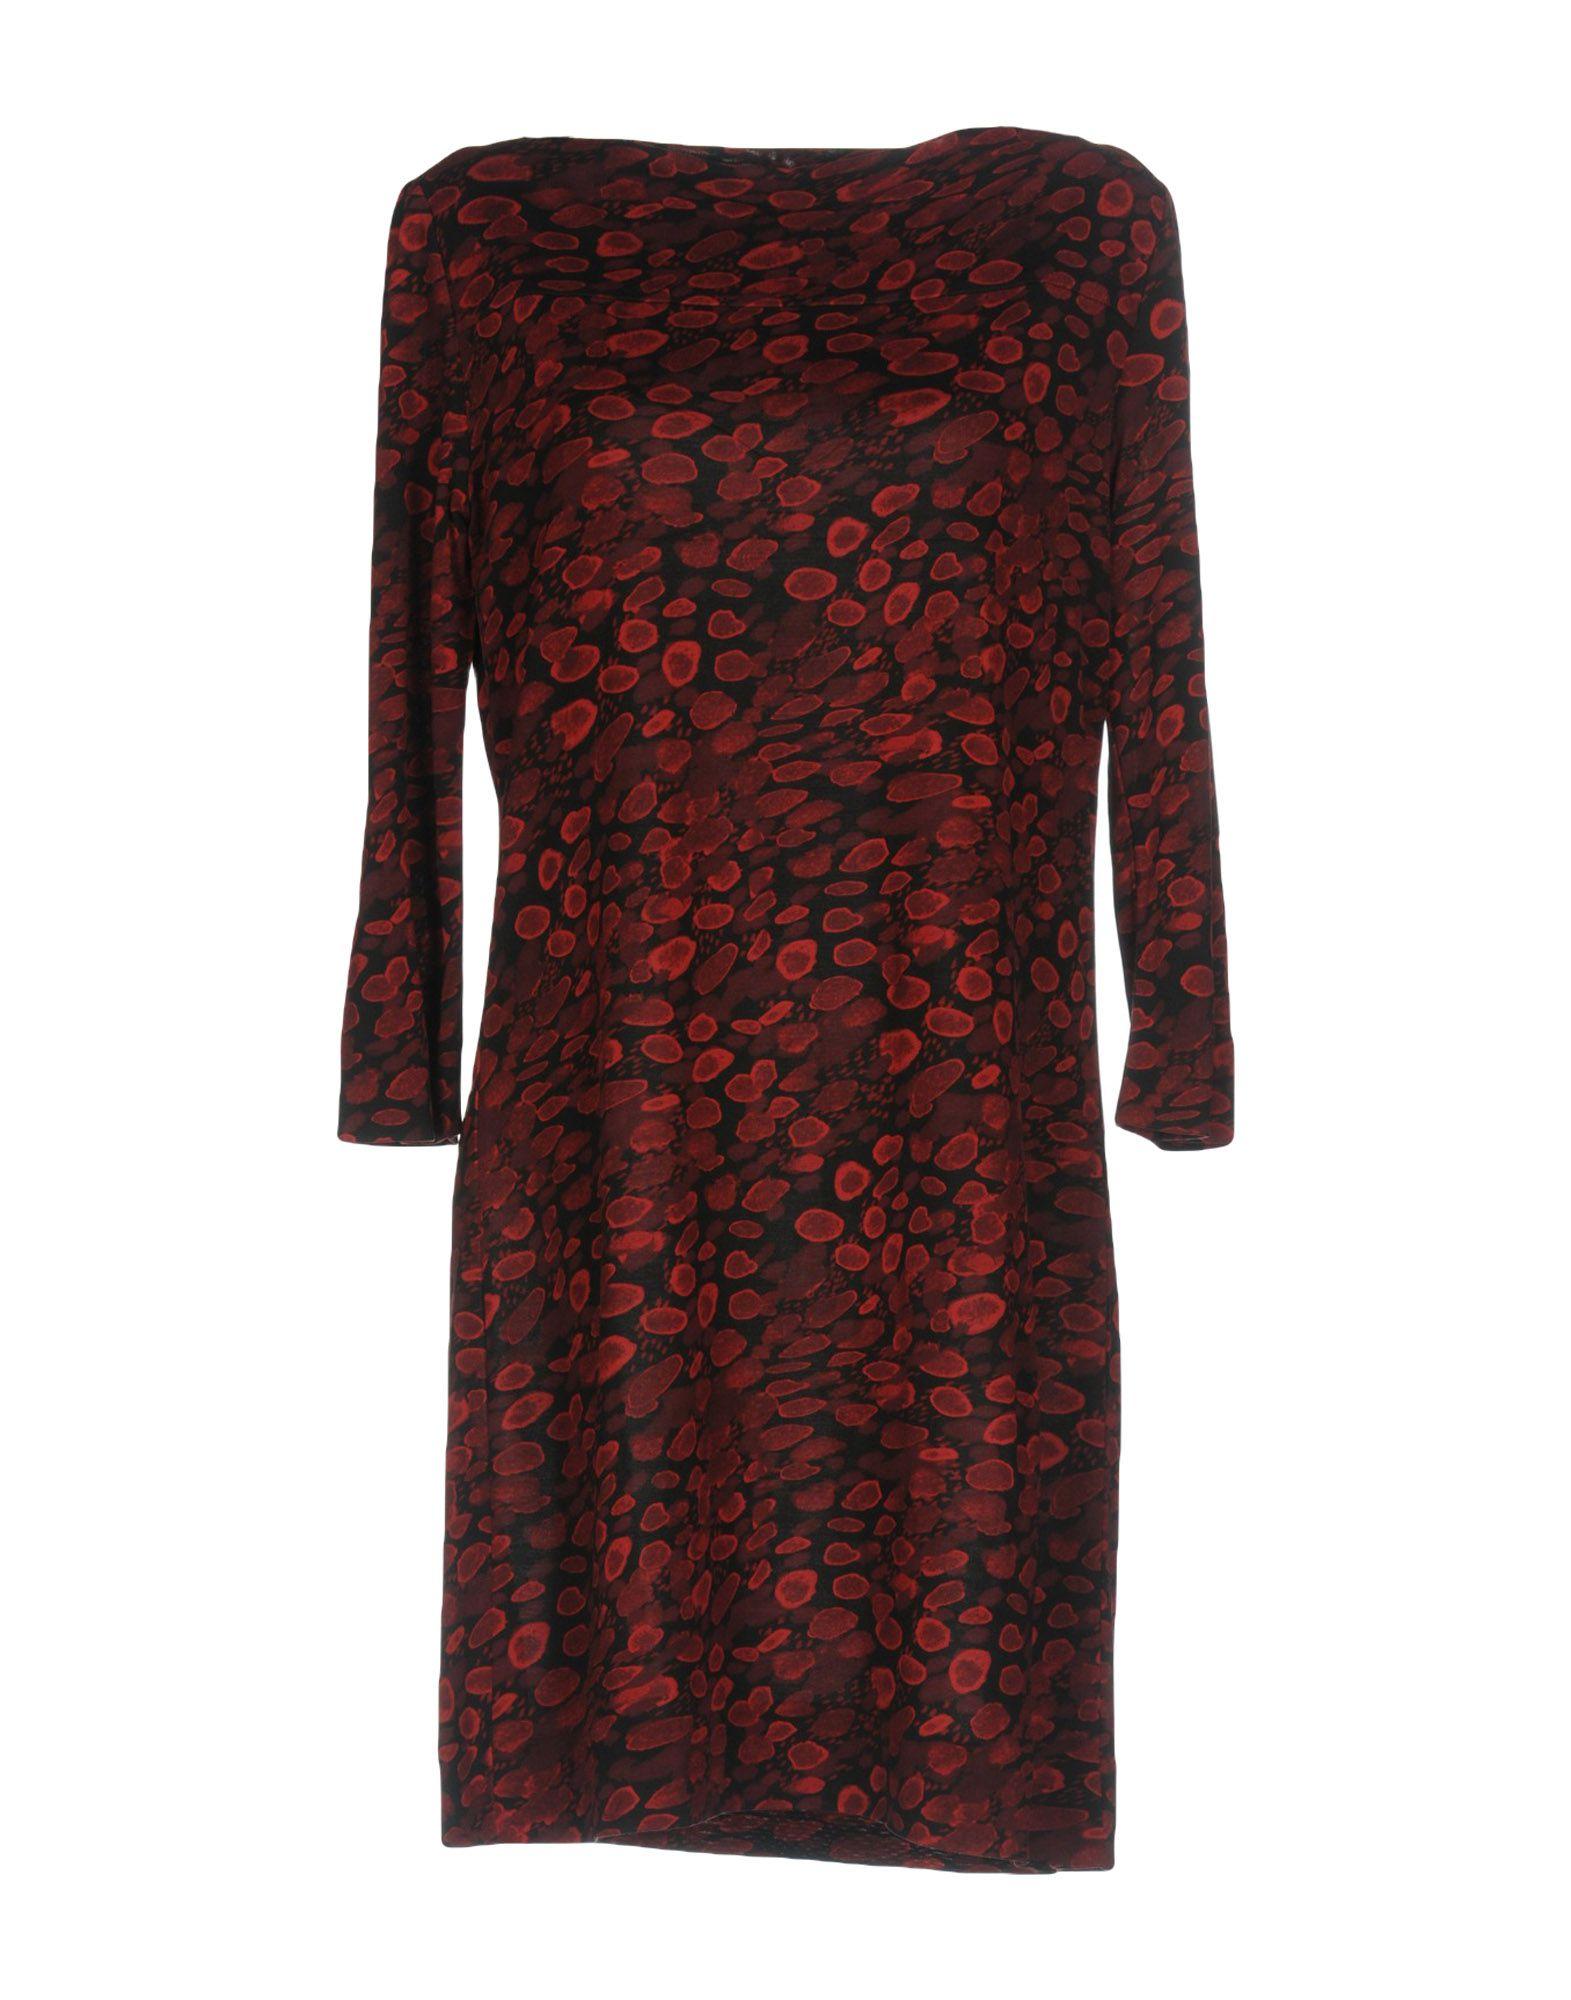 DIANE VON FURSTENBERG Короткое платье diane von furstenberg сандалии marrakesh без задника